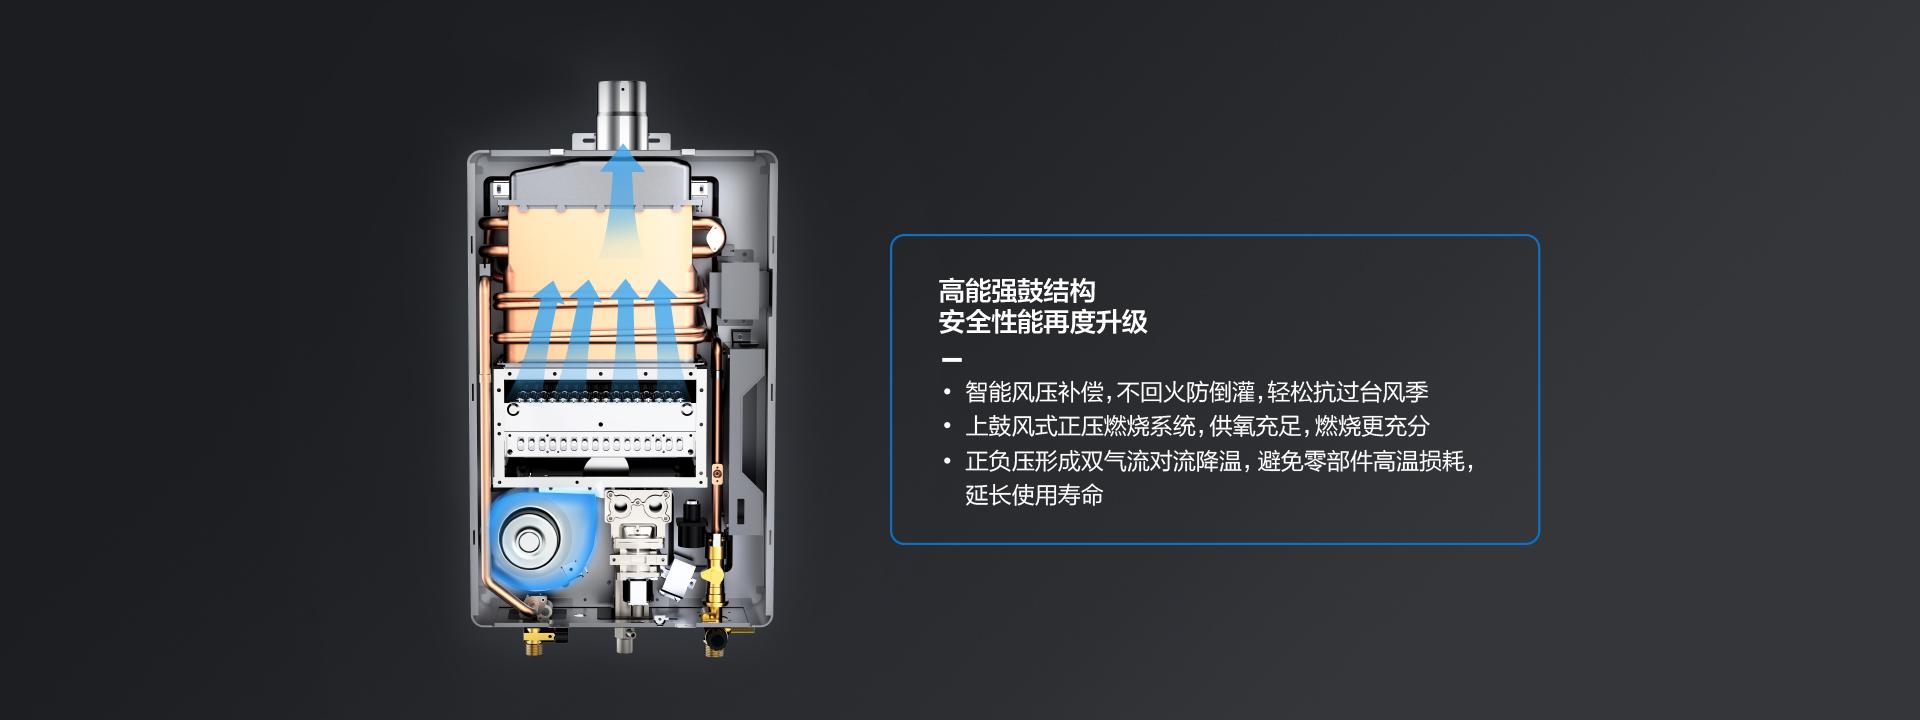 JSQ27-HP650-14_10.jpg